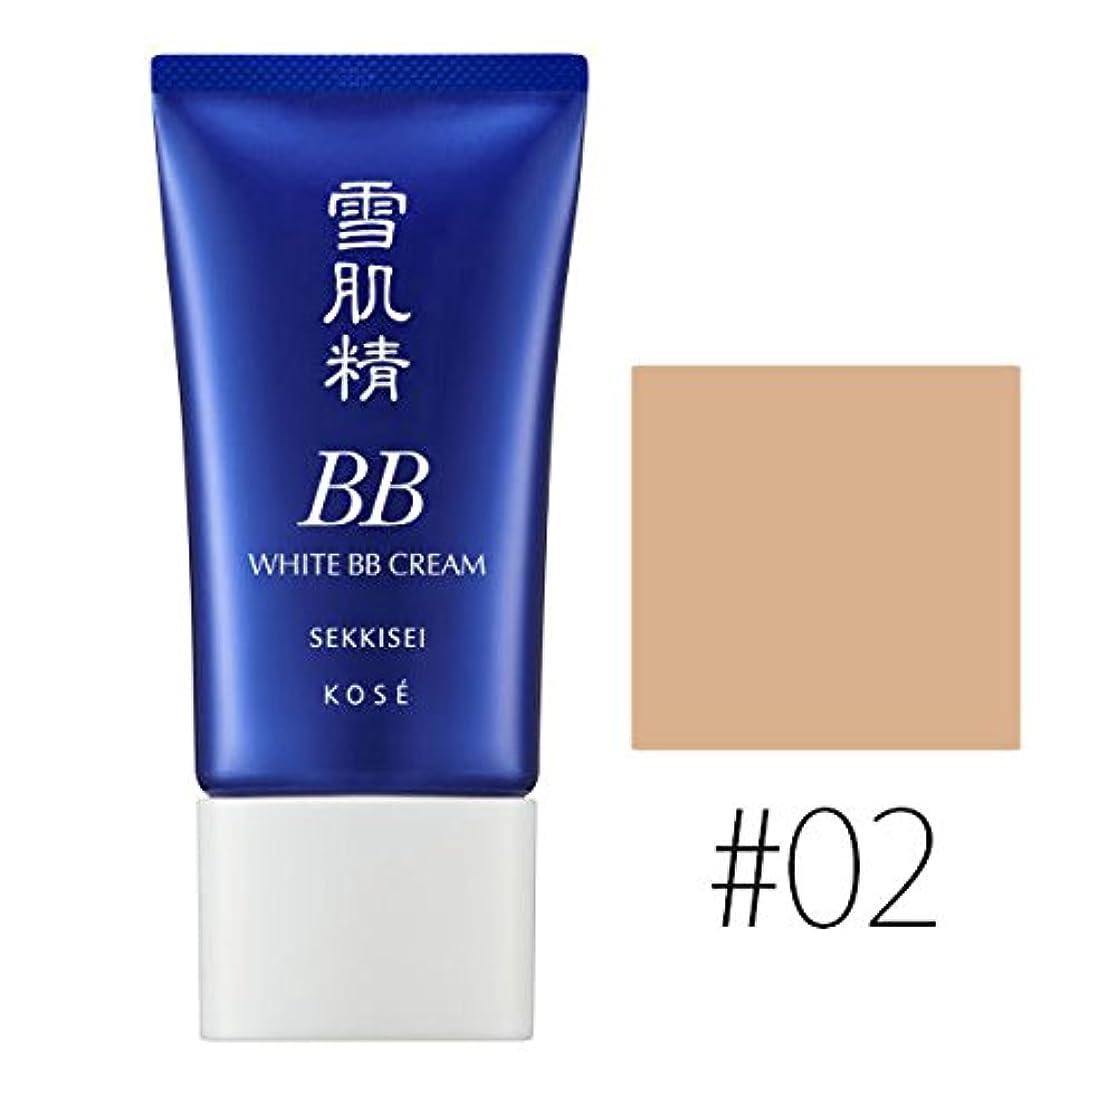 コーセー 雪肌精 ホワイト BBクリーム【#02】 #OCHRE SPF40/PA+++ 30g